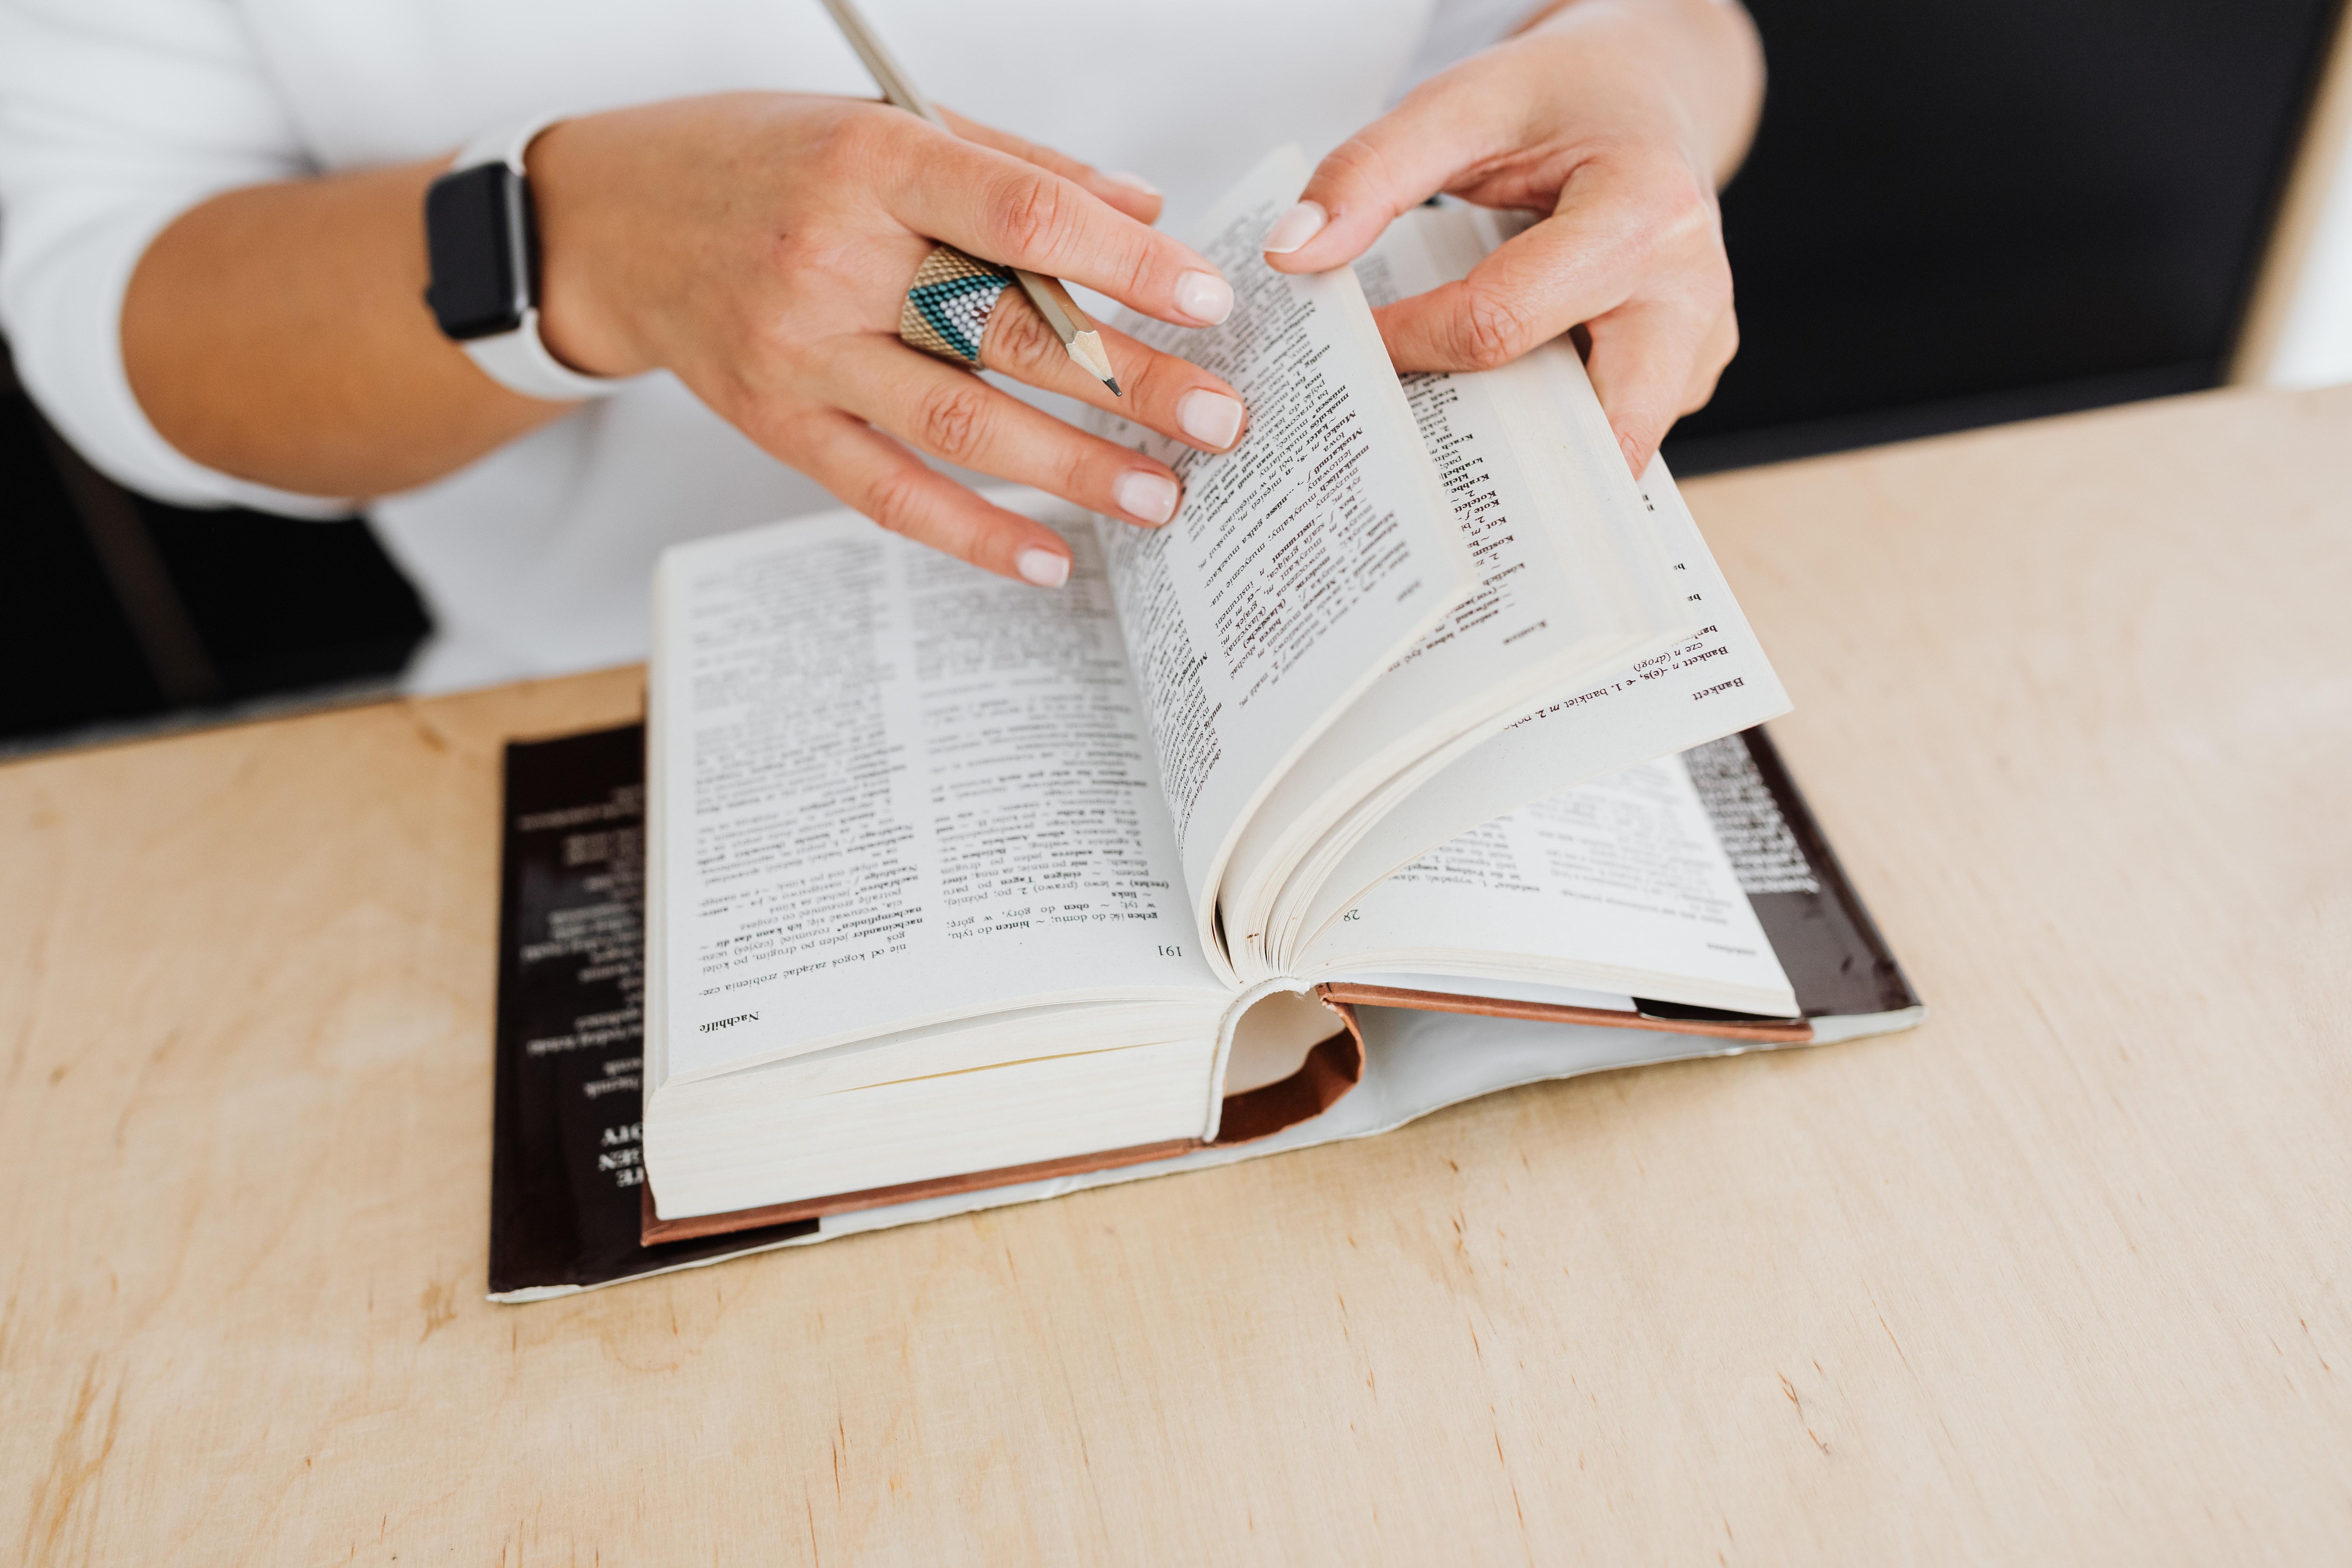 Překladatelka smnoha zkušenostmi je lepší než agentura